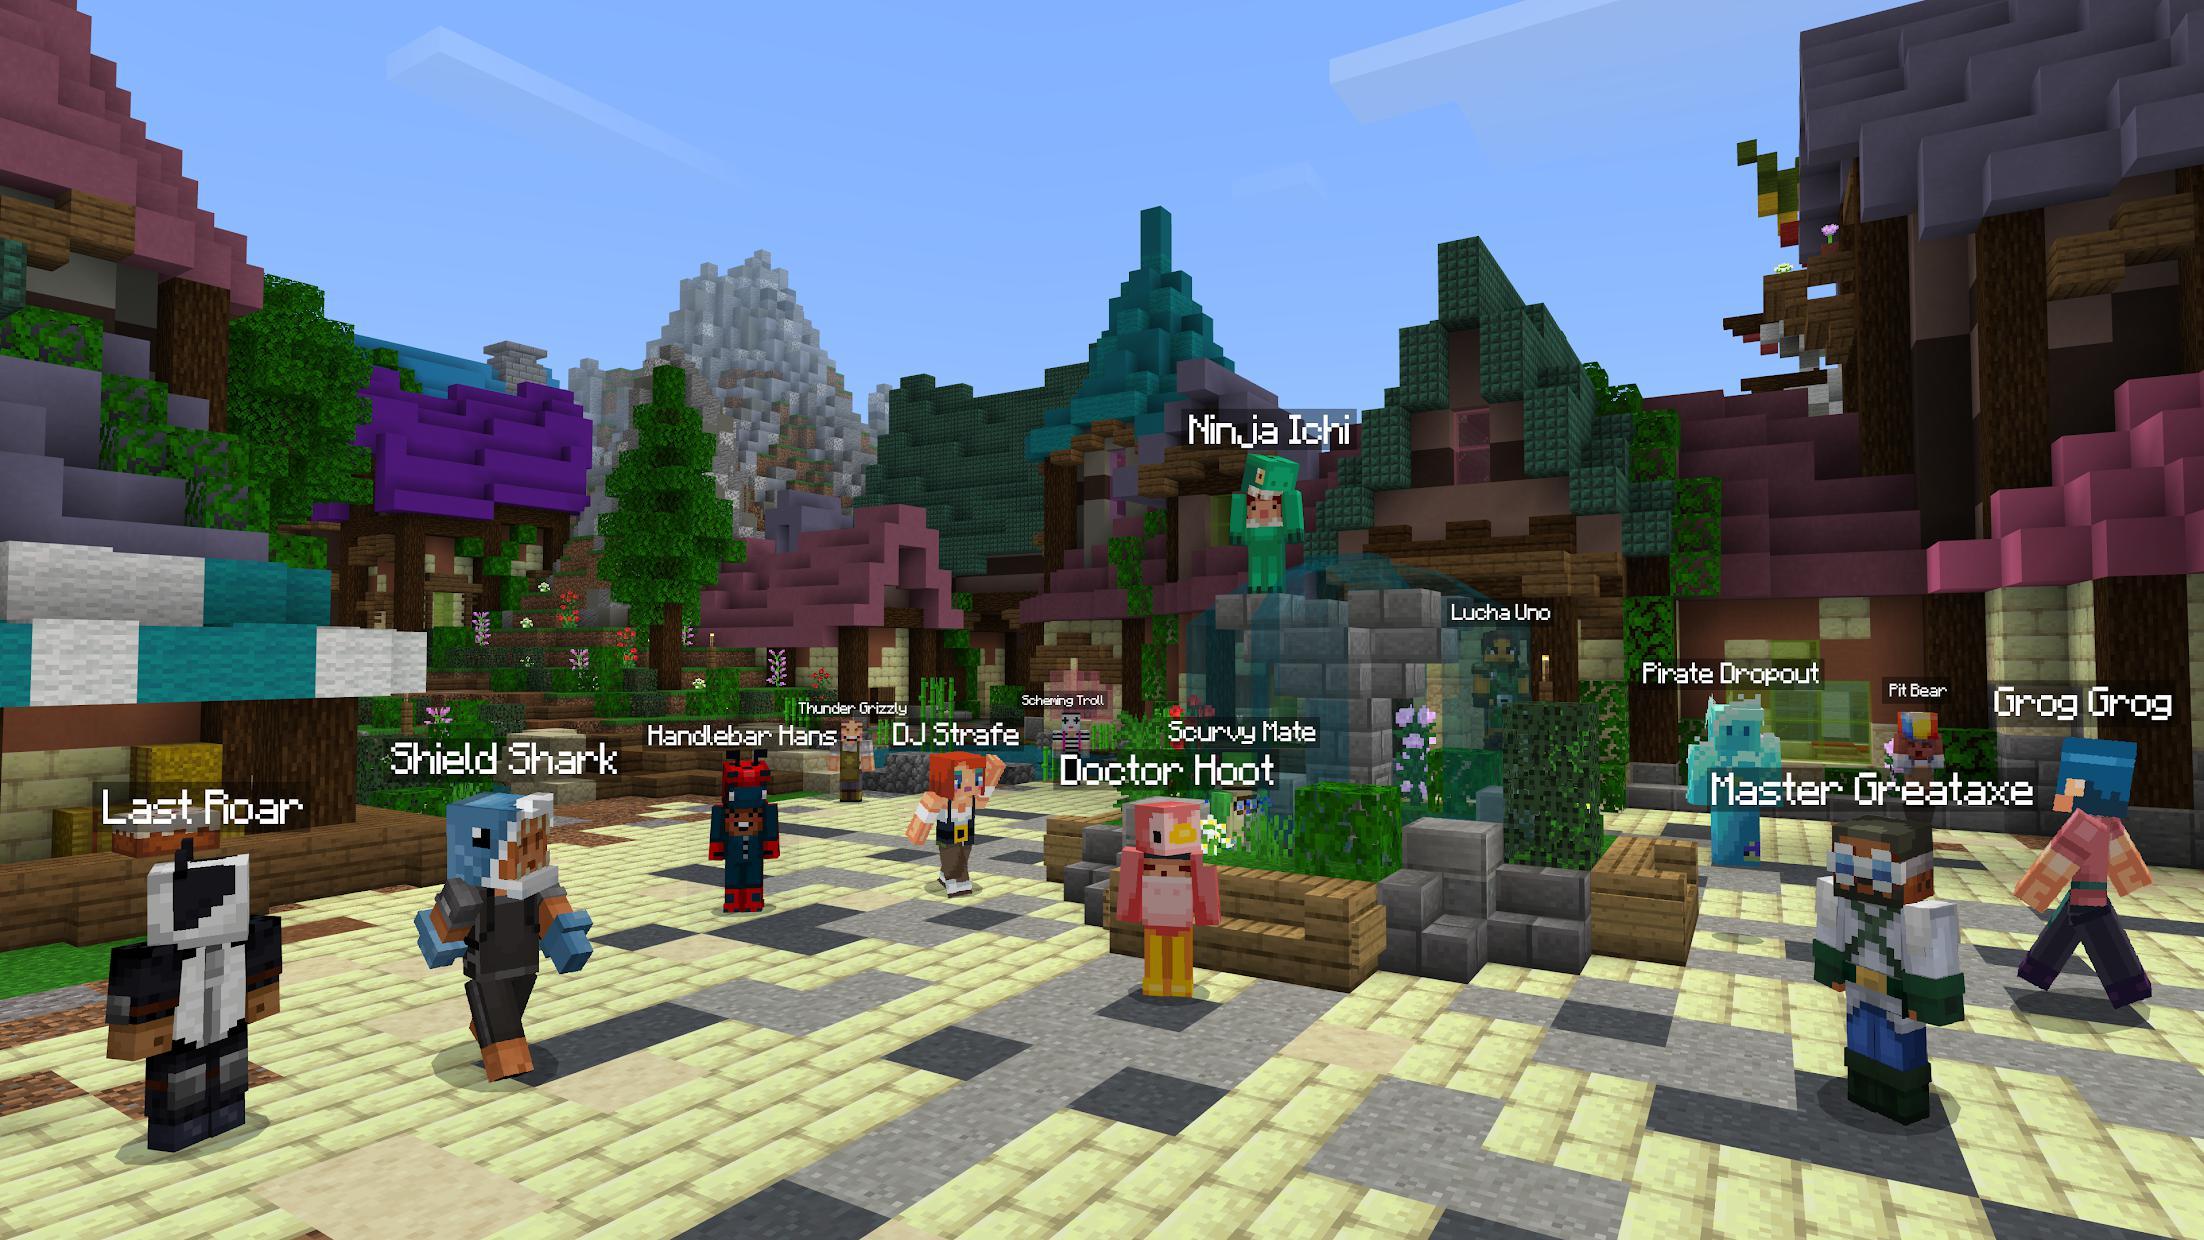 我的世界(Minecraft) 游戏截图4